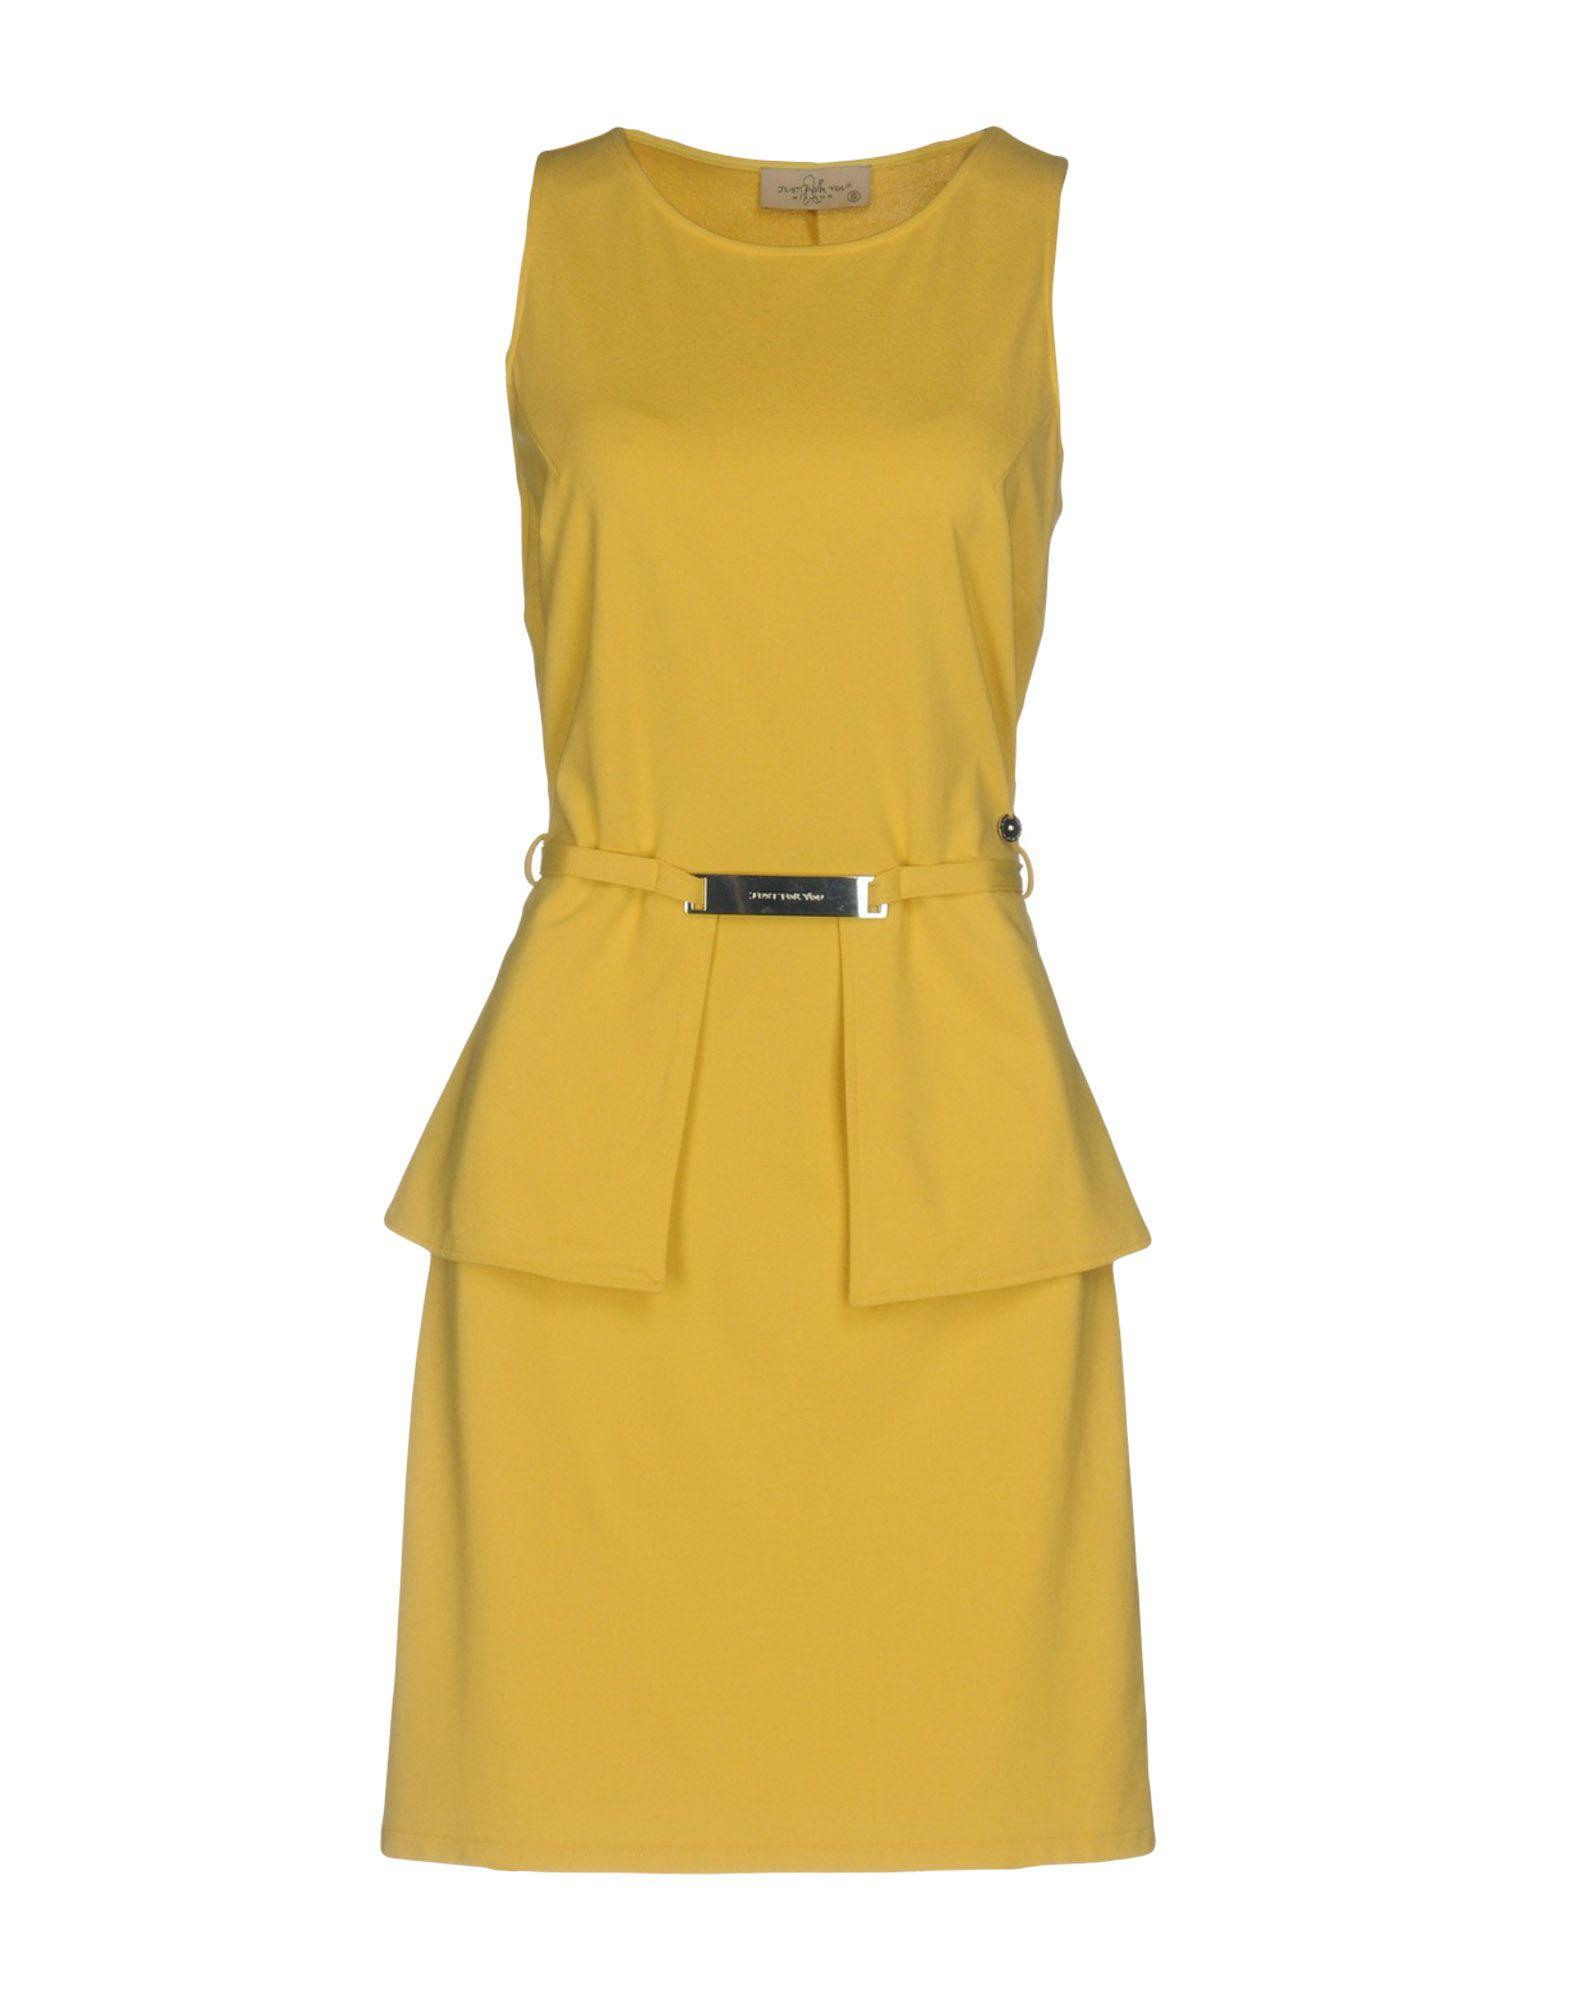 JUST FOR YOU Damen Kurzes Kleid Farbe Gelb Größe 4